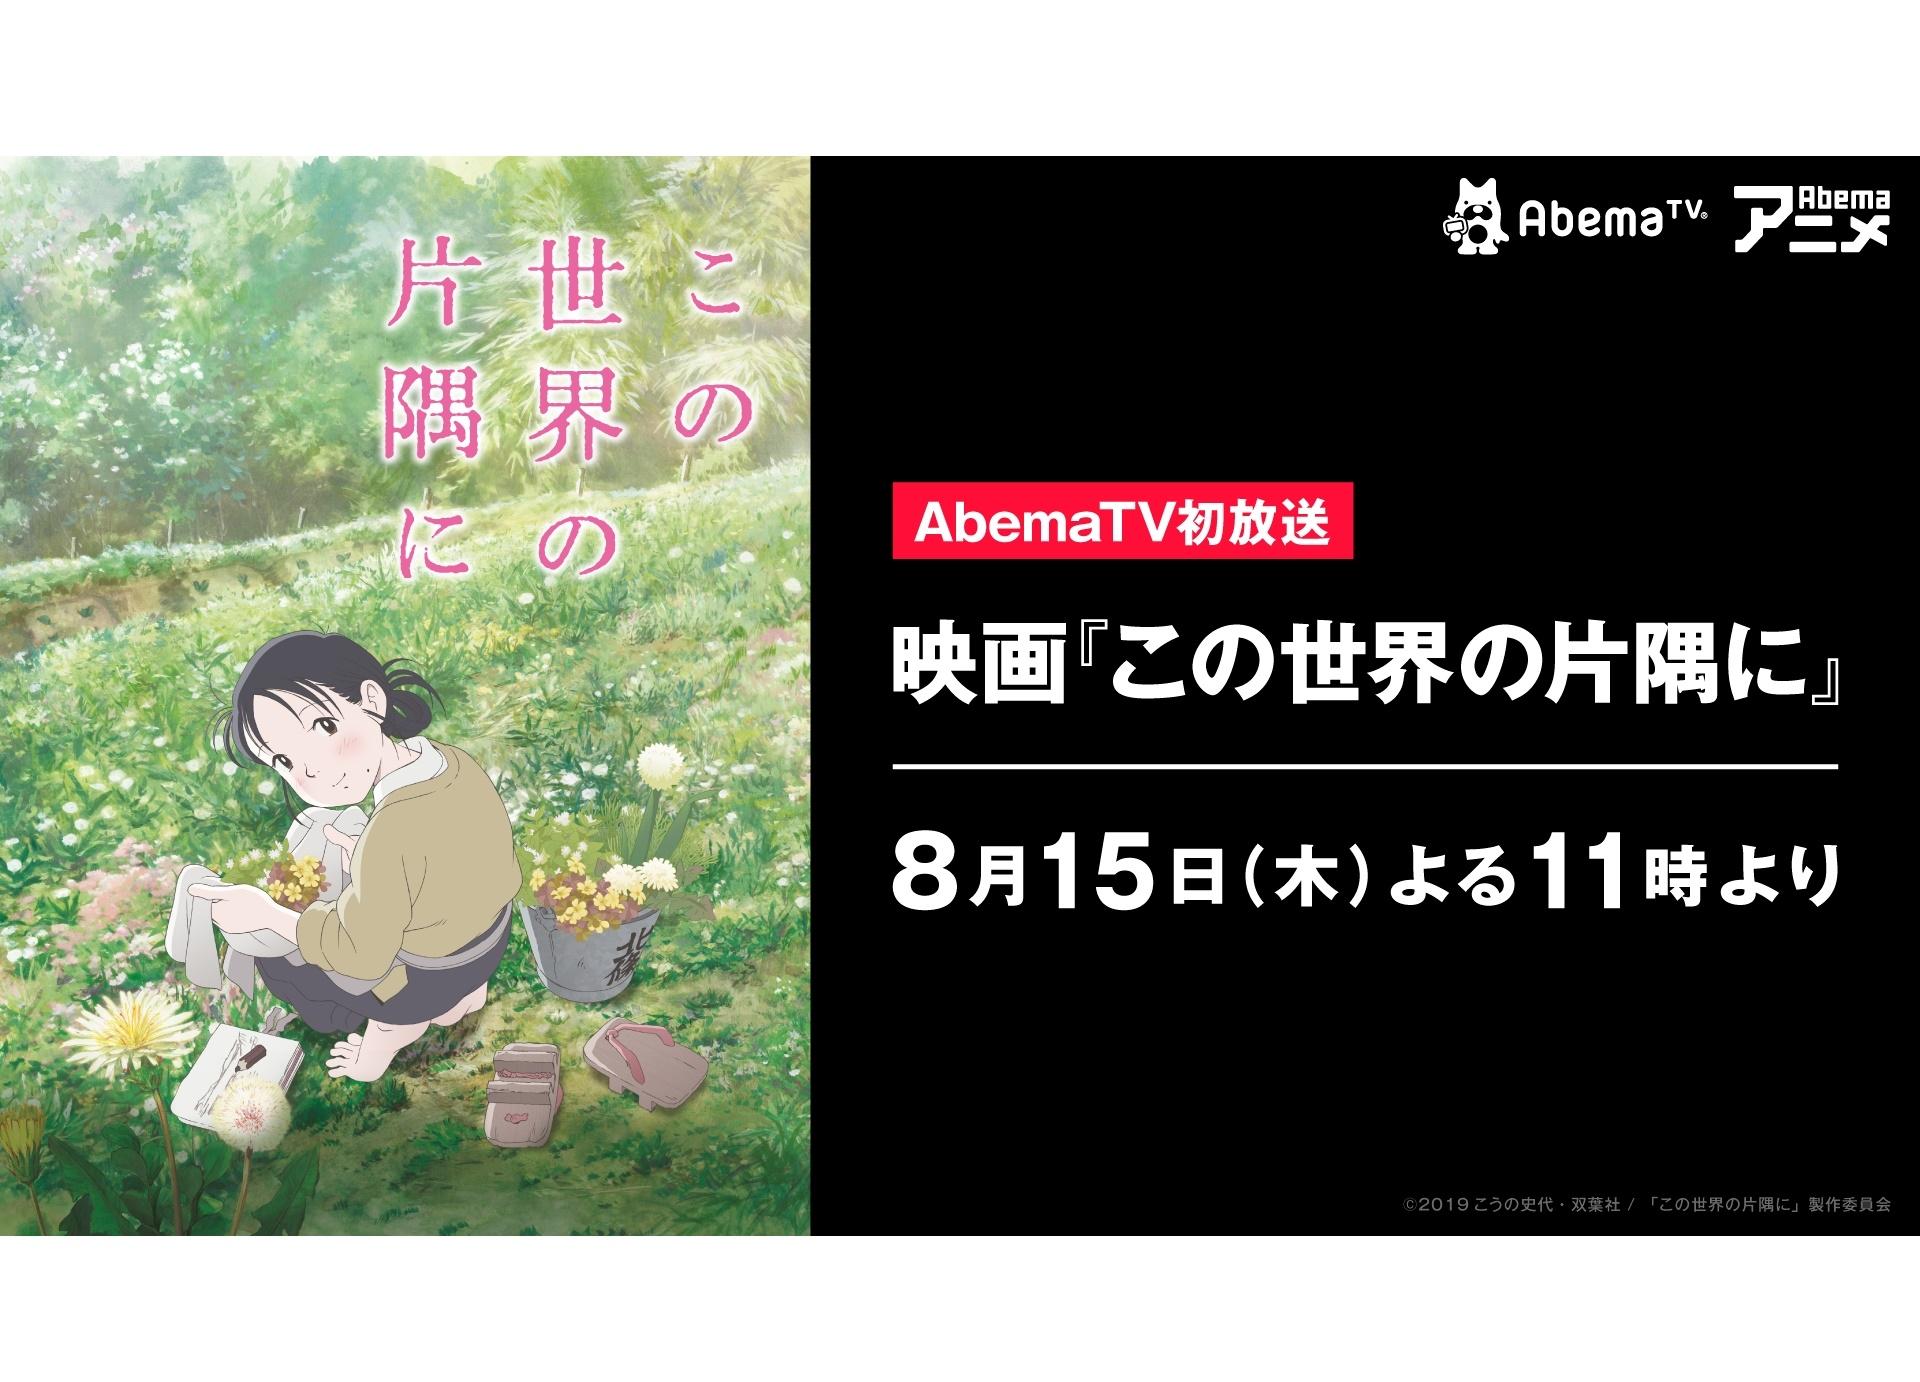 終戦記念日(8月15日)AbemaTVにて『この世界の片隅に』初放送